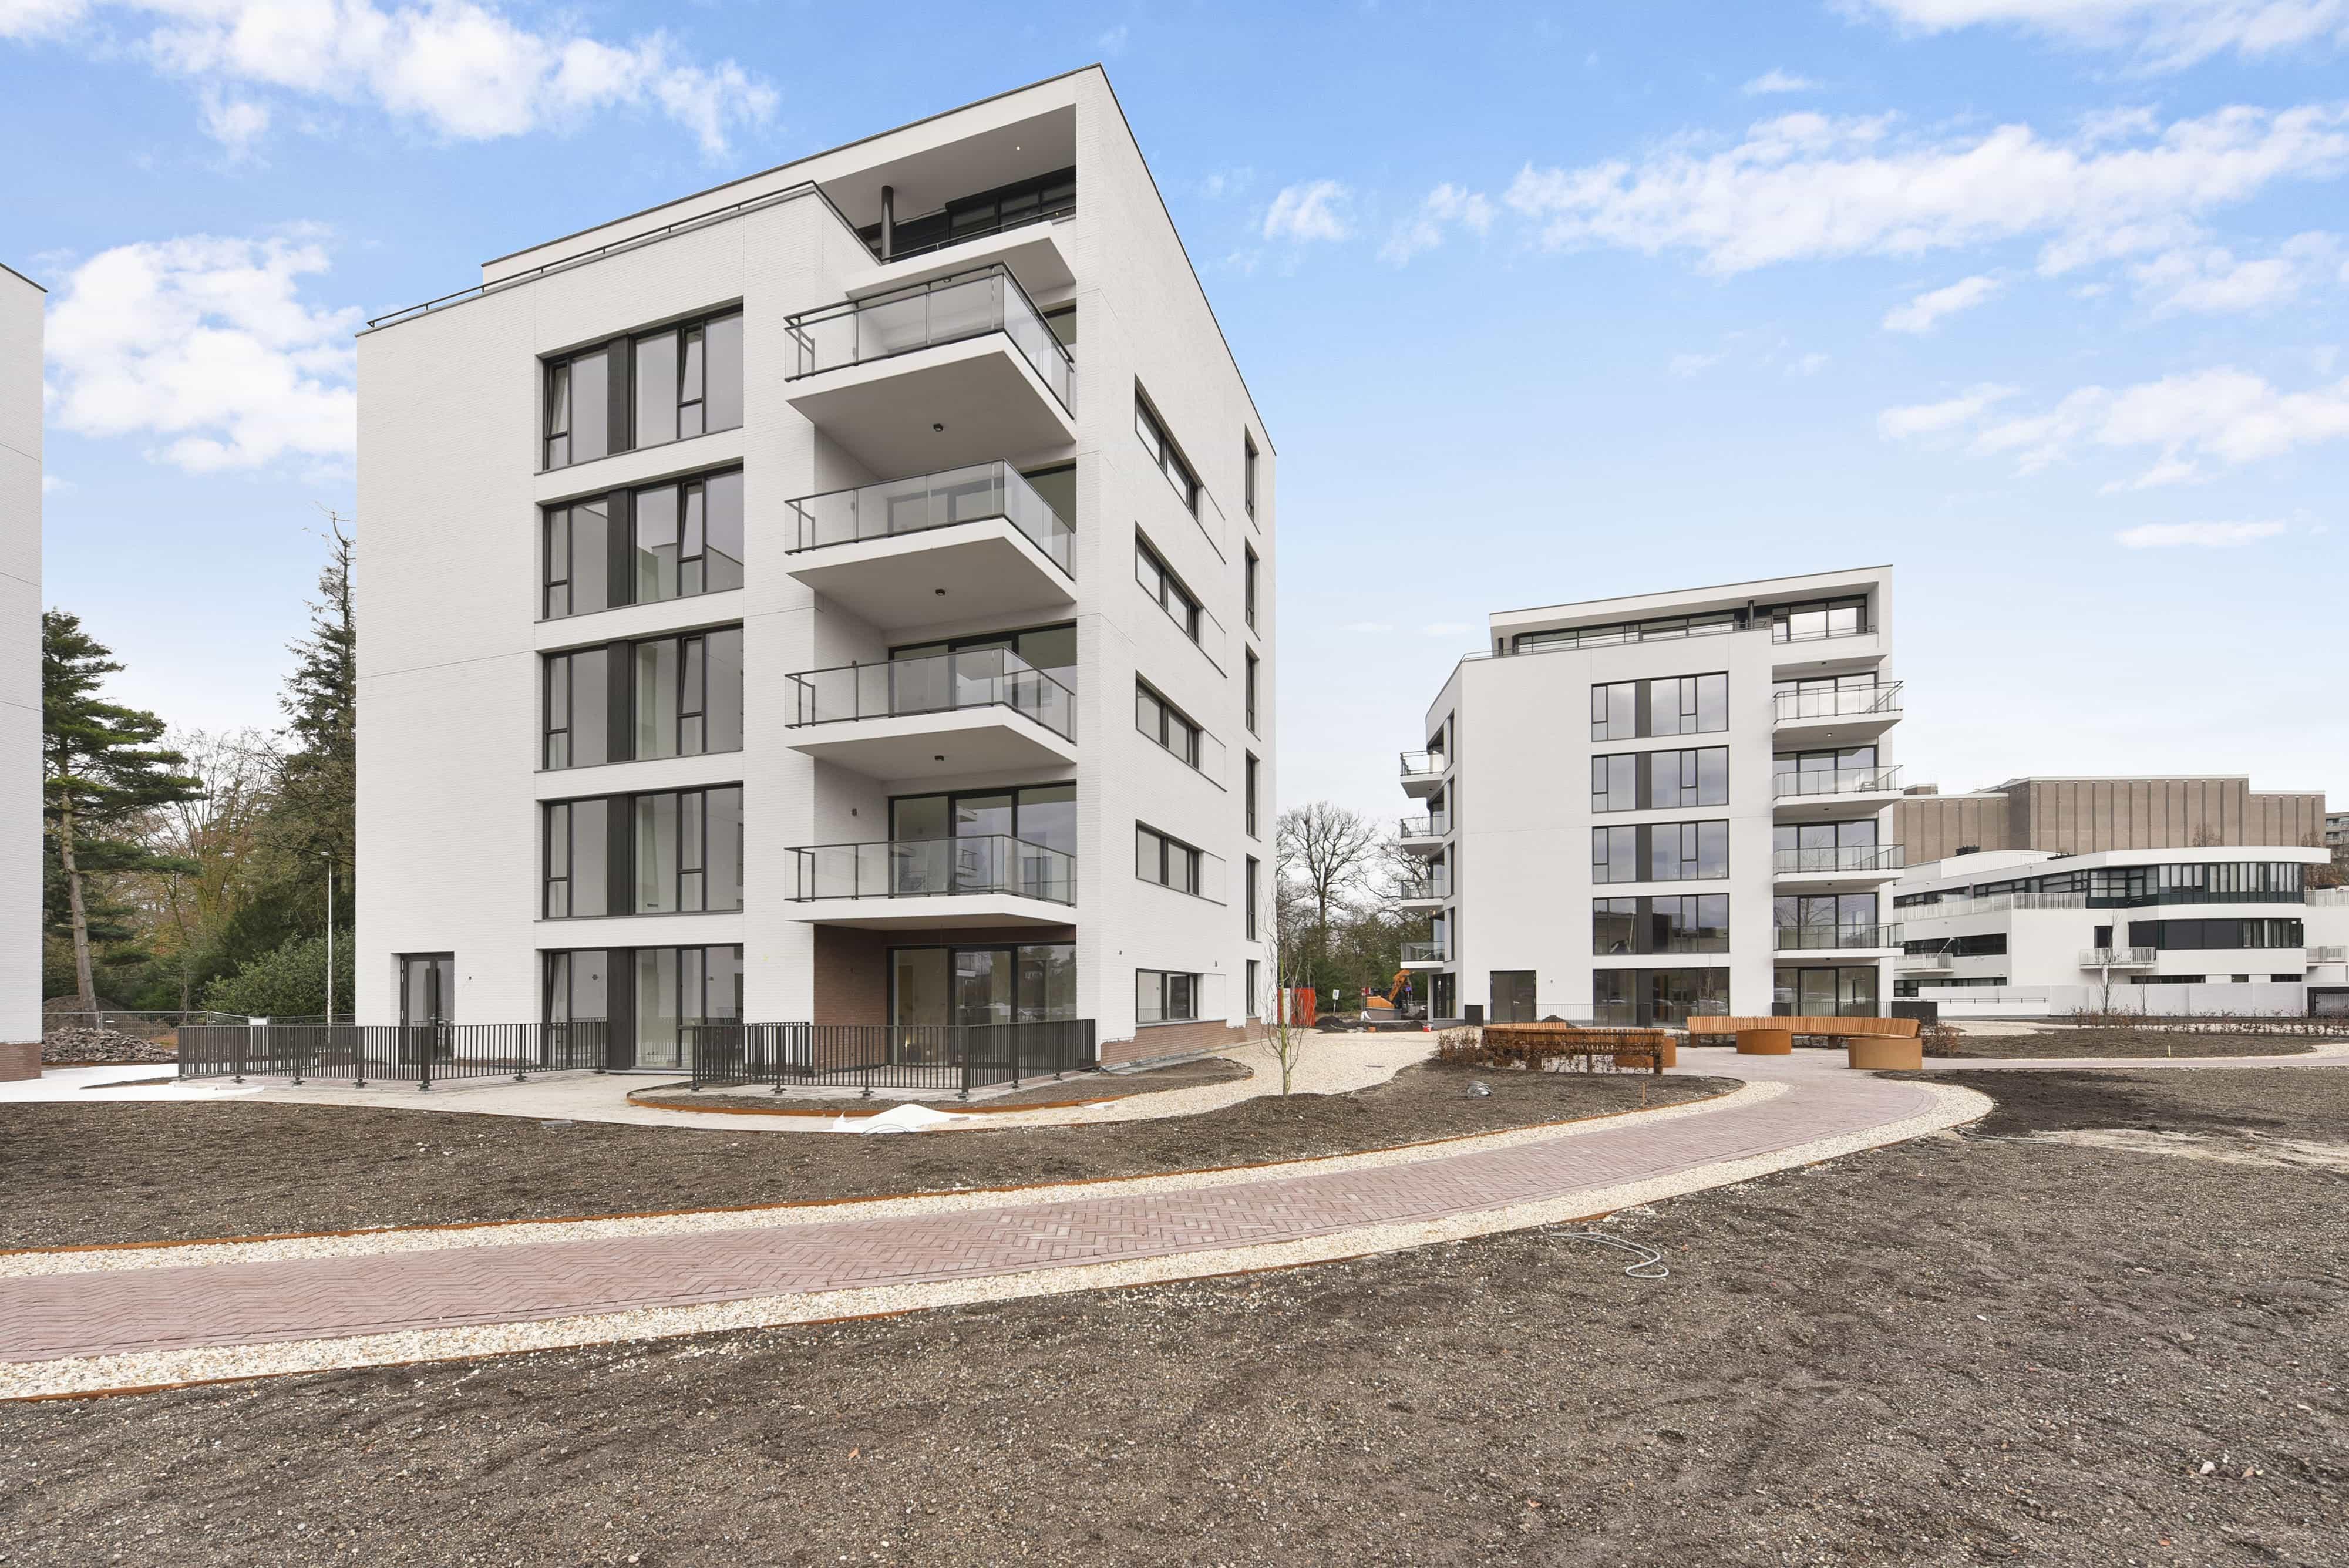 Afbeelding van Appartementencomplex Parc Fontaine